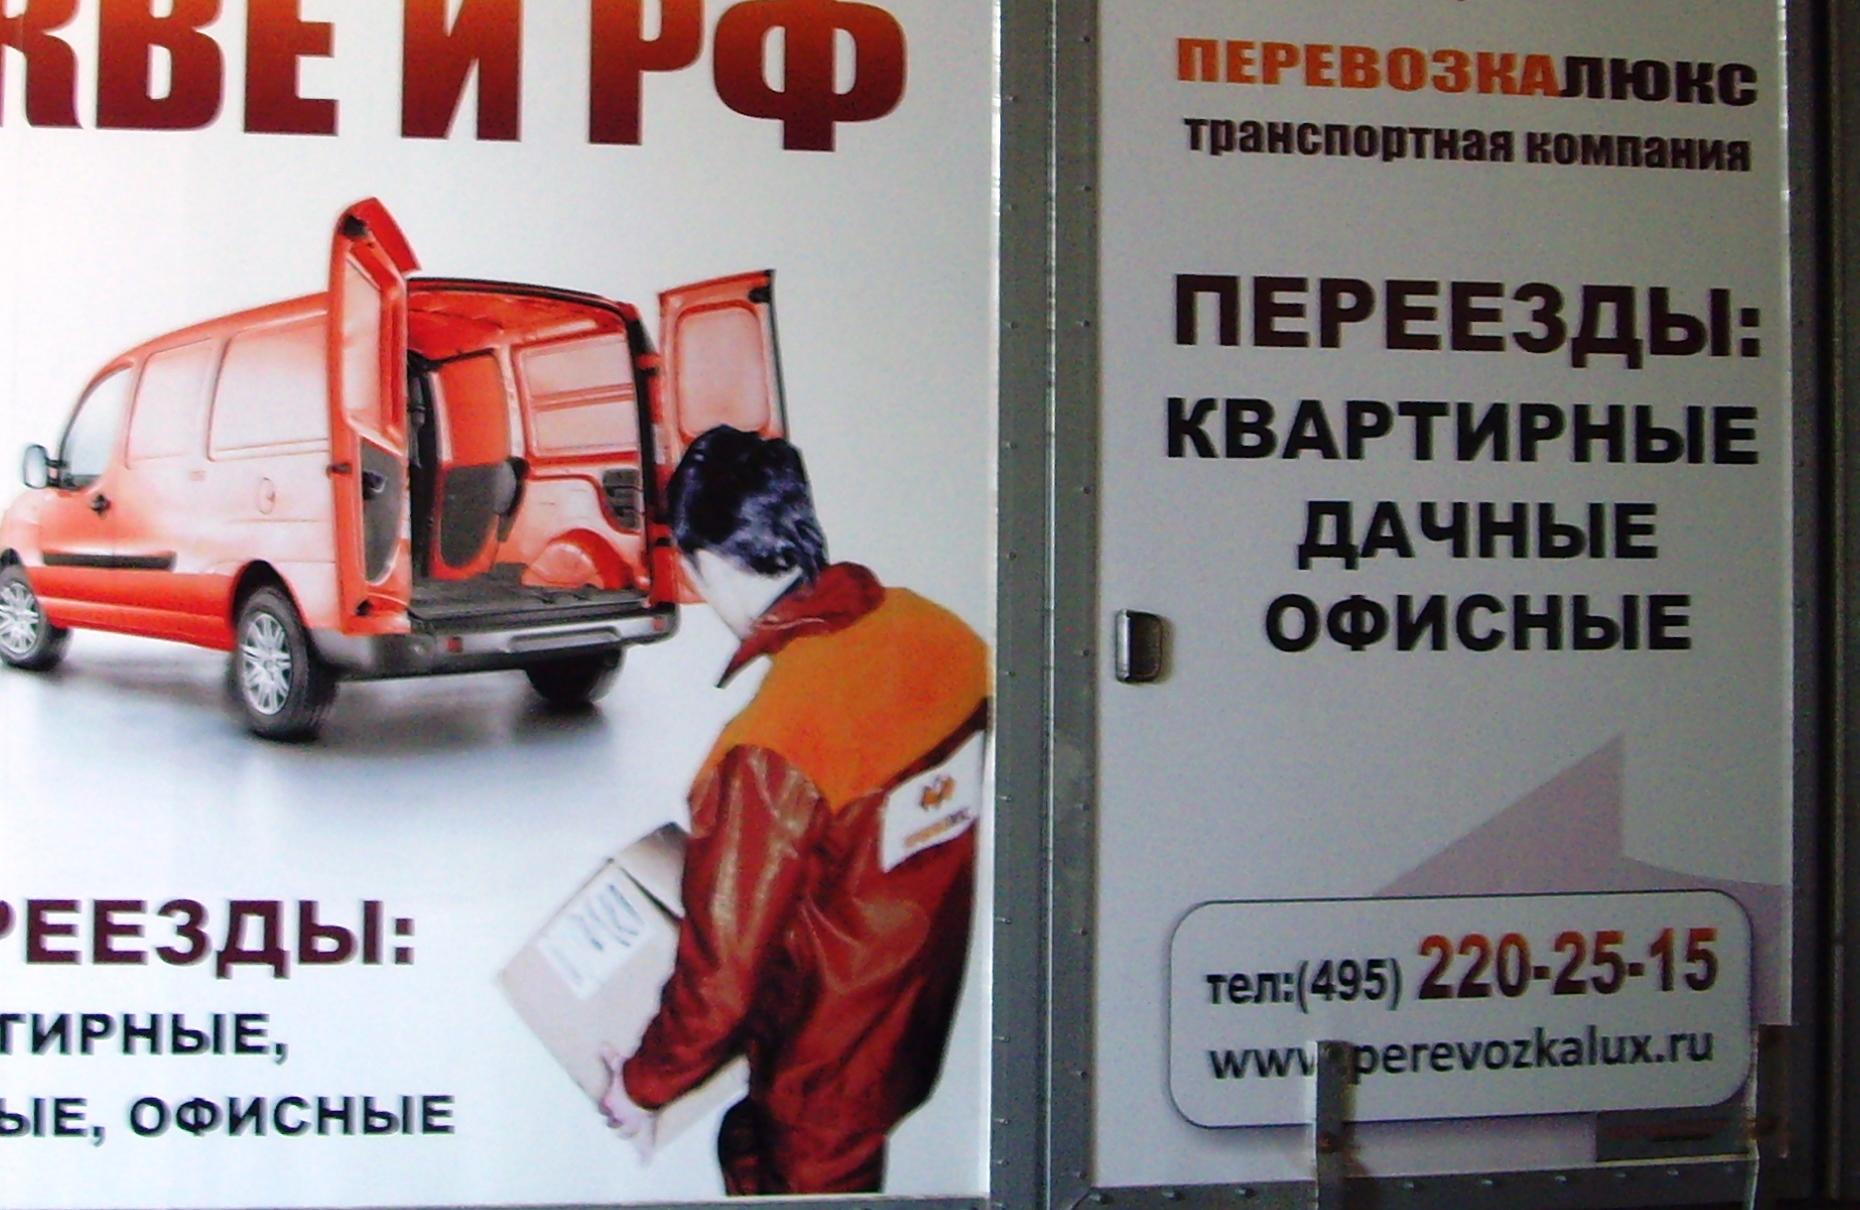 Перевозкалюкс,2, реклама на авто, Вавилон32, Брянск